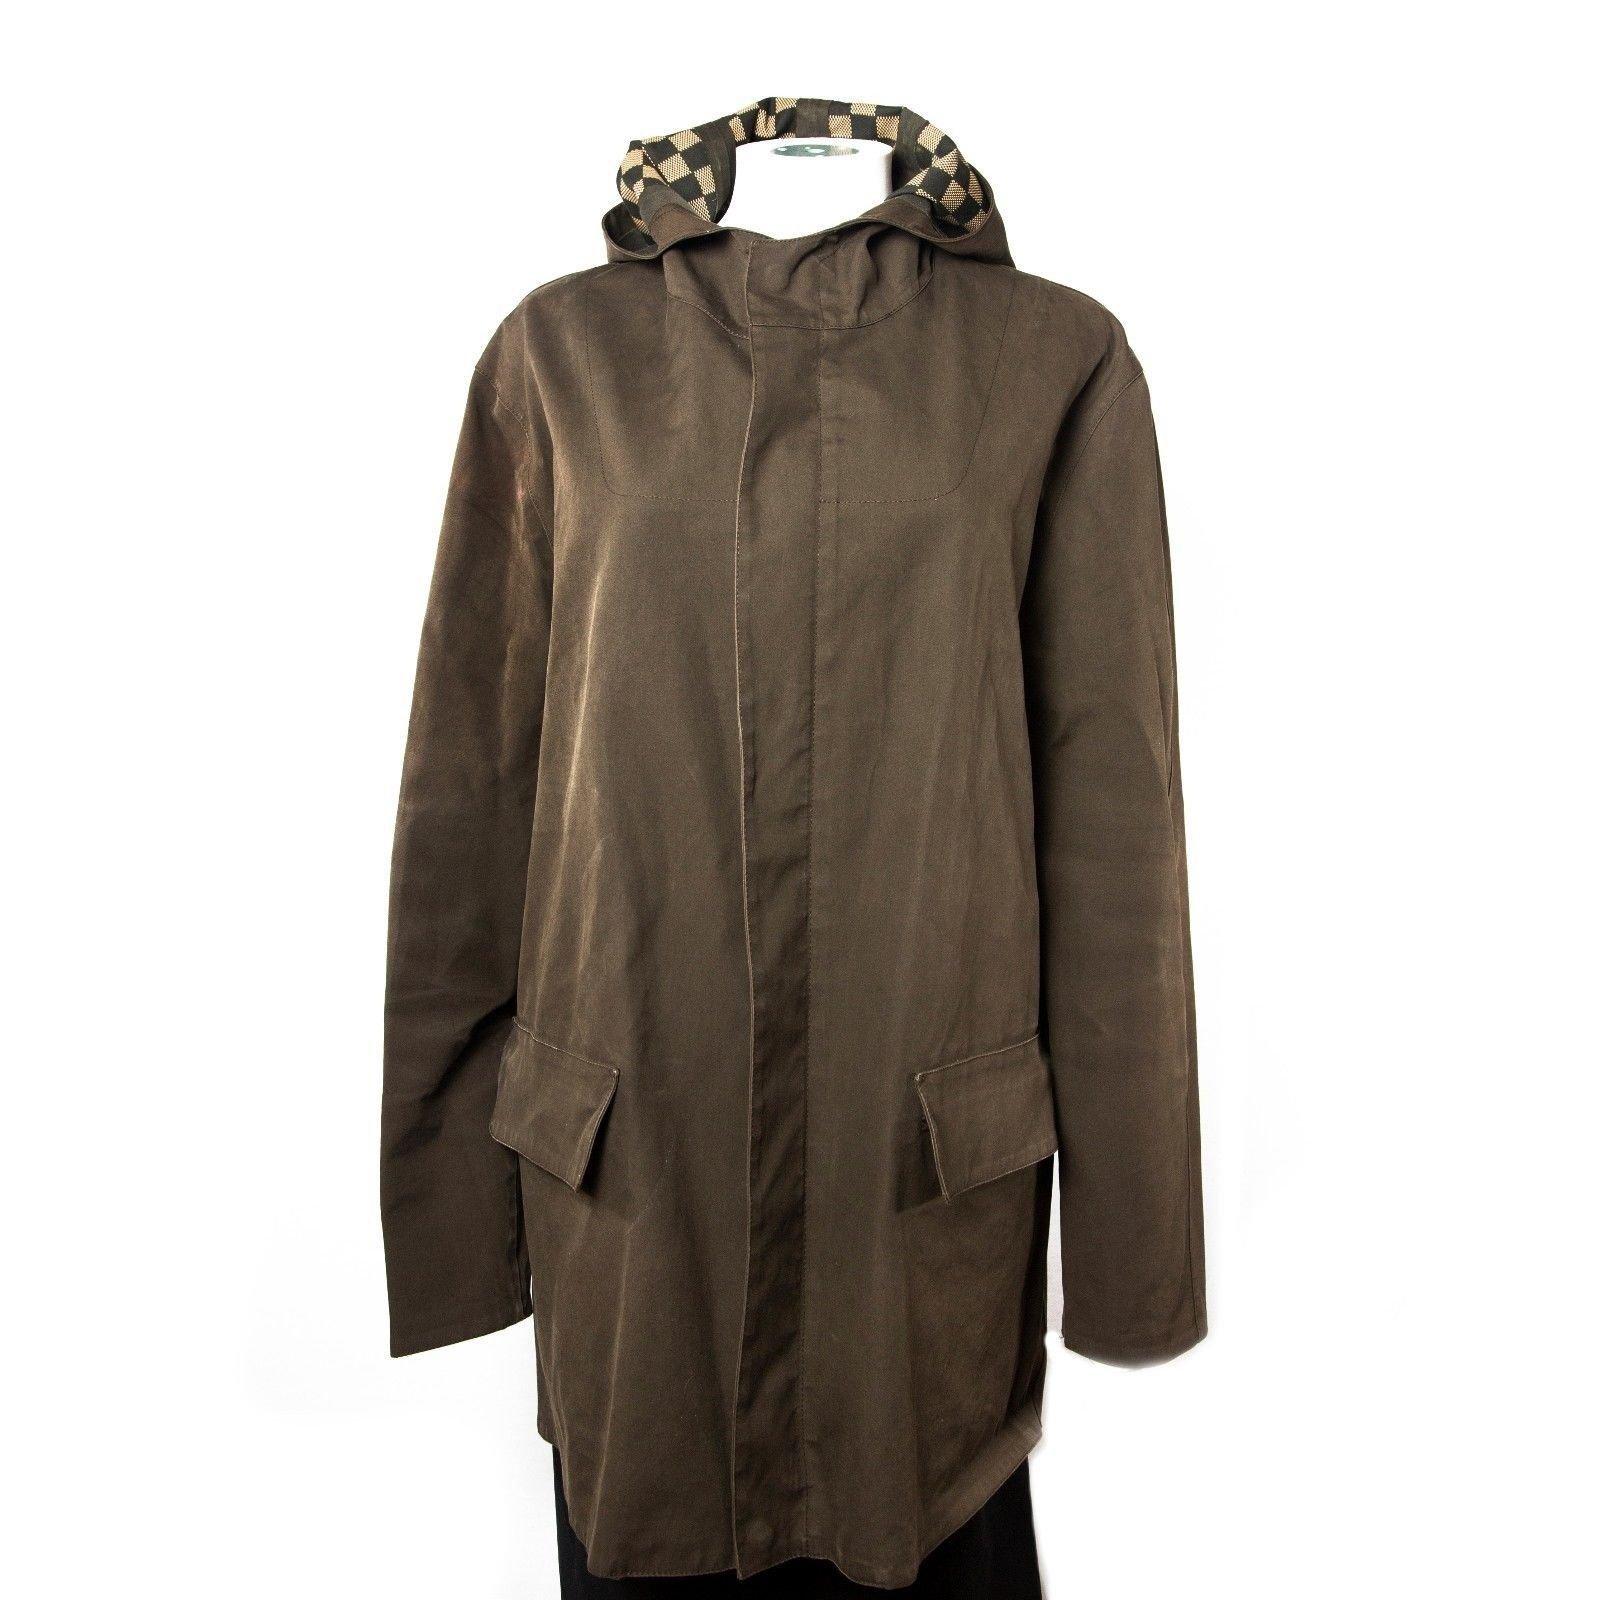 manteaux homme louis vuitton veste longue capuche damier autre marron joli closet. Black Bedroom Furniture Sets. Home Design Ideas